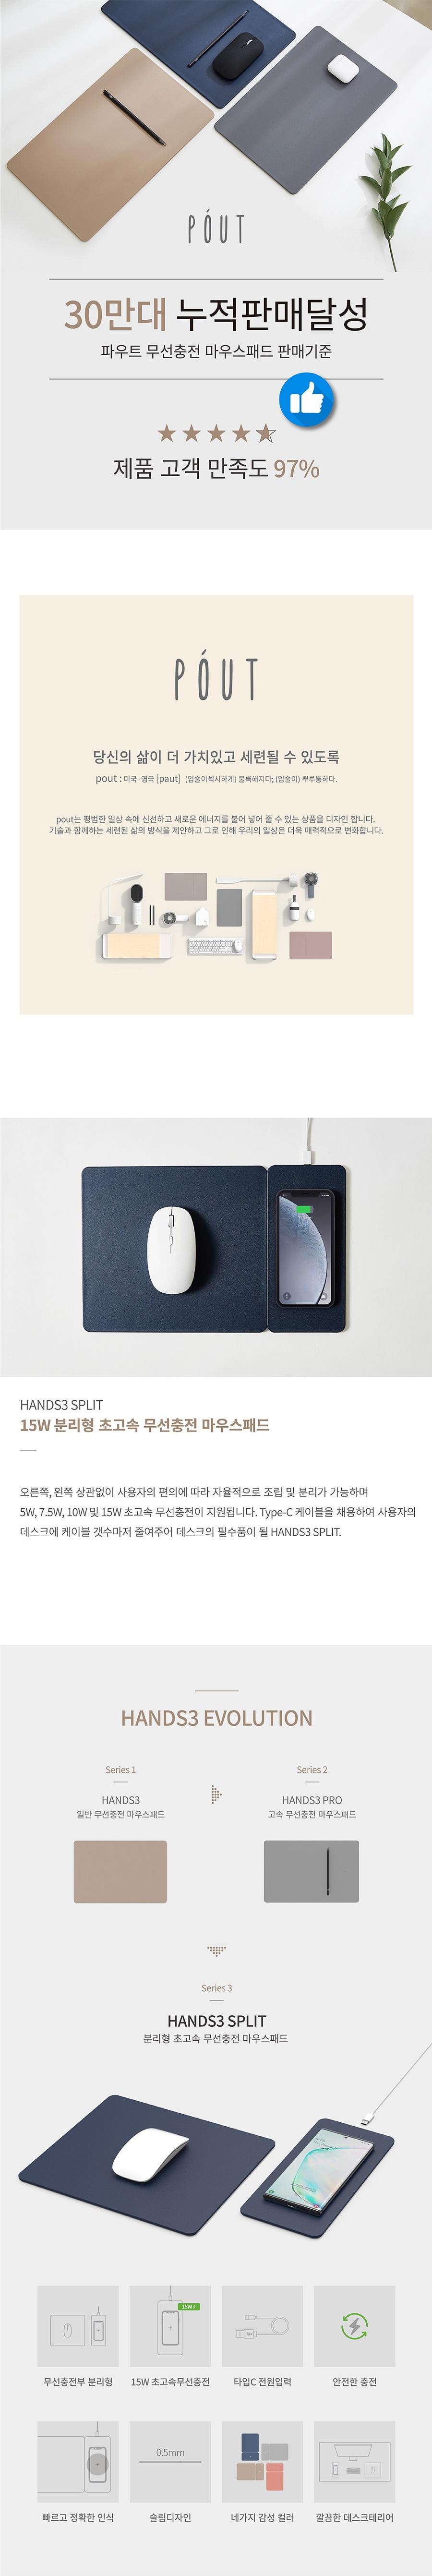 브로스앤컴퍼니 파우트 HANDS3 SPLIT 초고속무선충전 마우스패드 (로즈베이지)